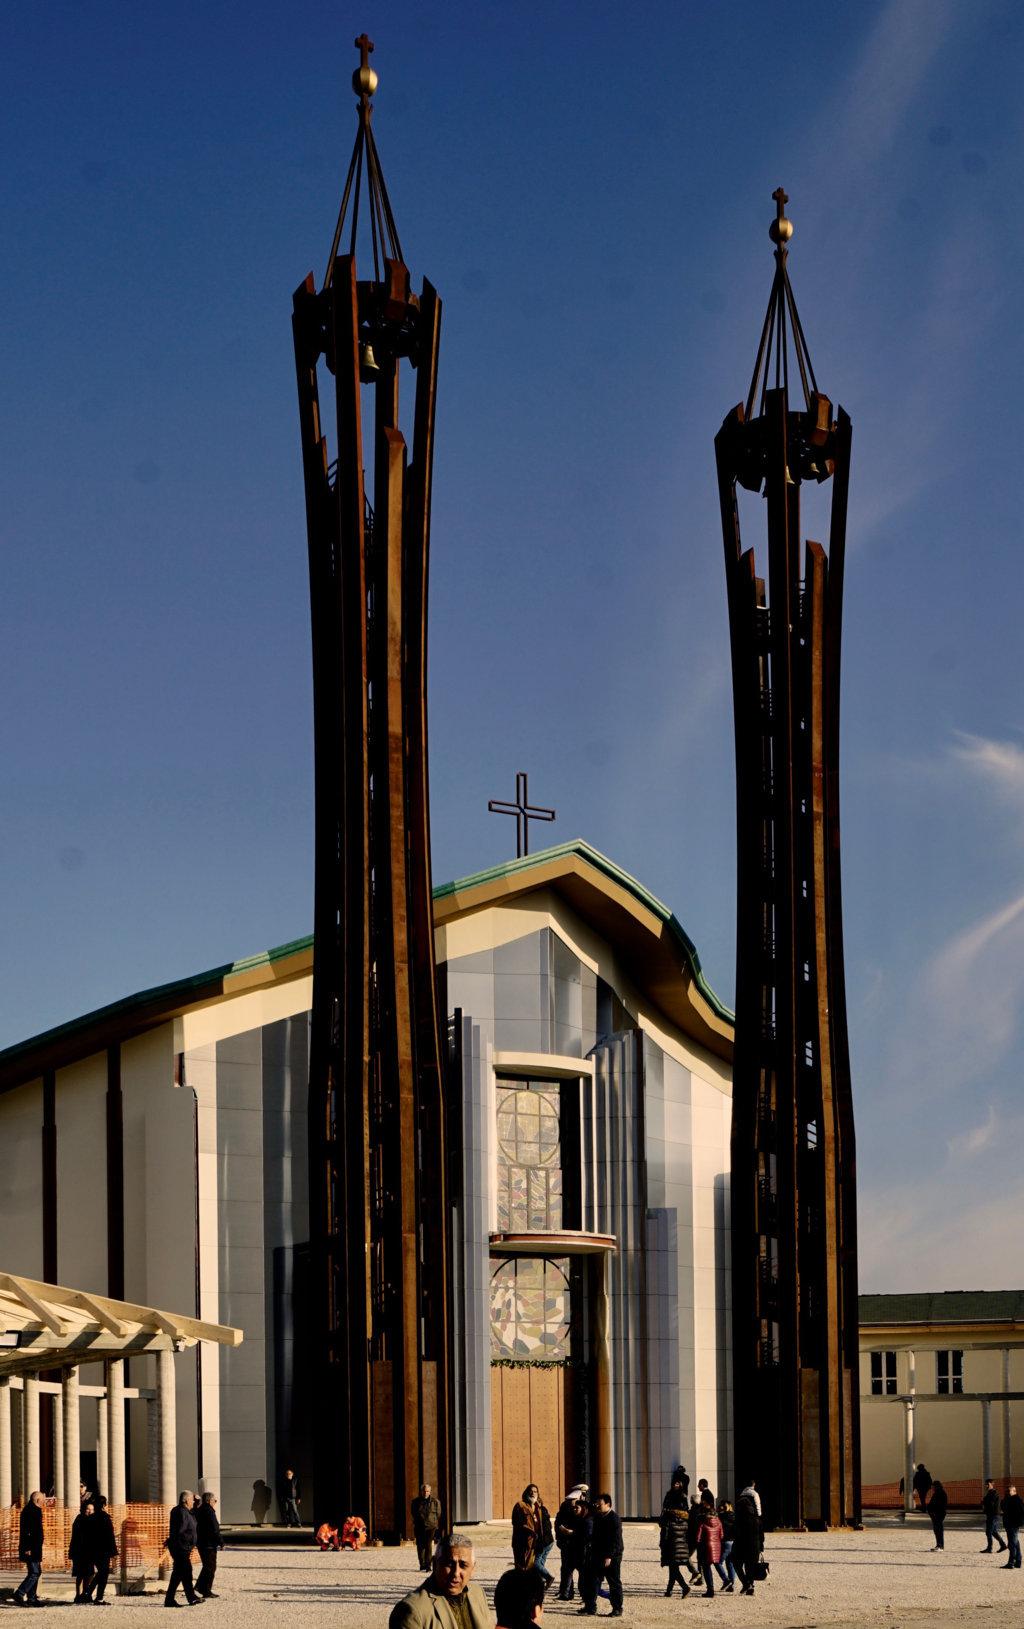 La facciata della concattedrale di Lamezia Terme, progettata da Paolo Portoghesi, con i due campanili in acciaio corten